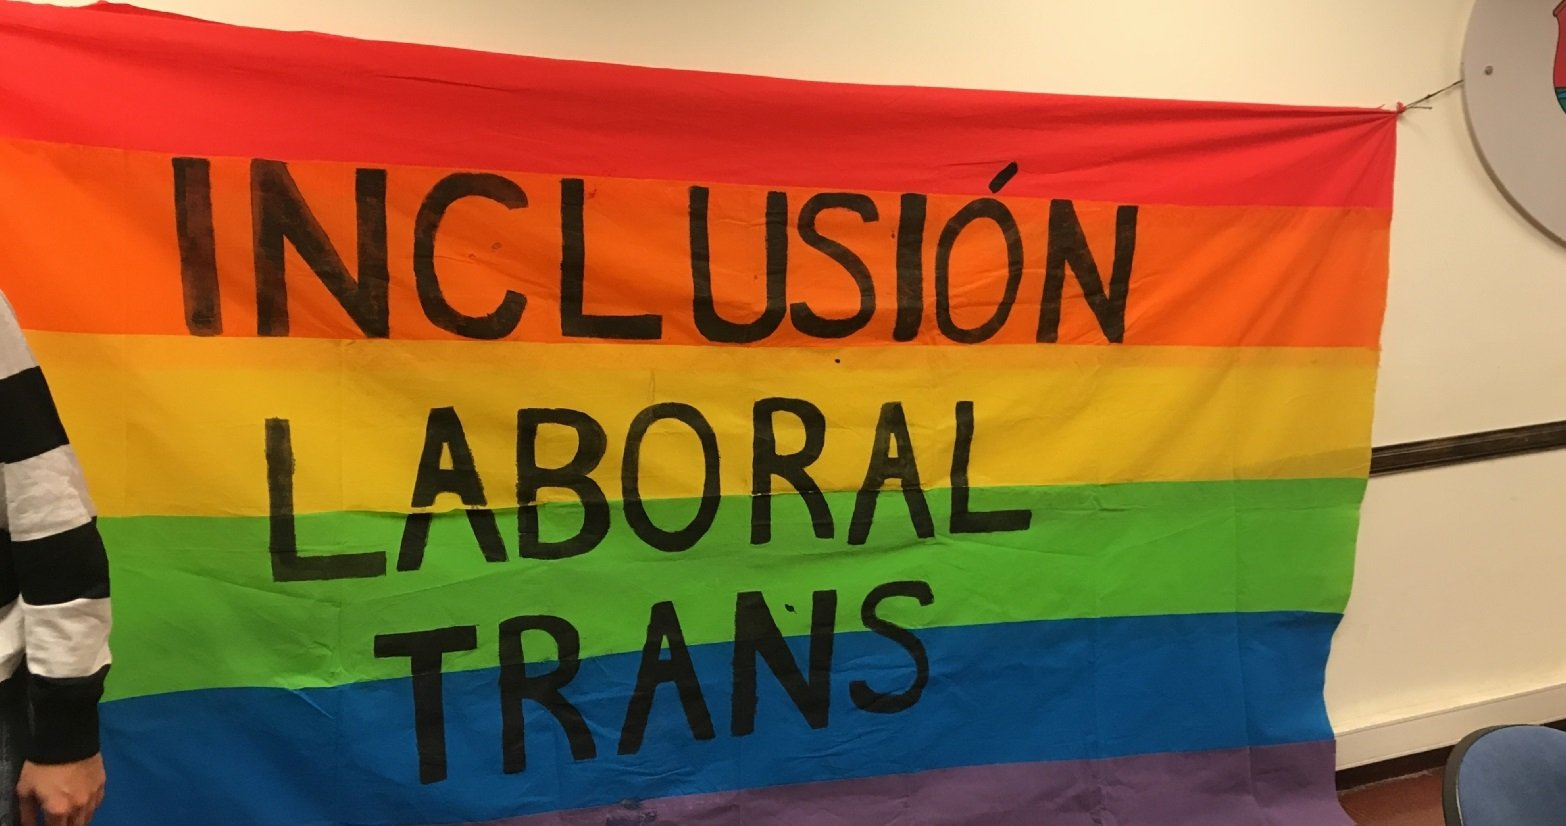 Vuelven a presentar el proyecto de cupo laboral trans para garantizarle el acceso al empleo a ese colectivo